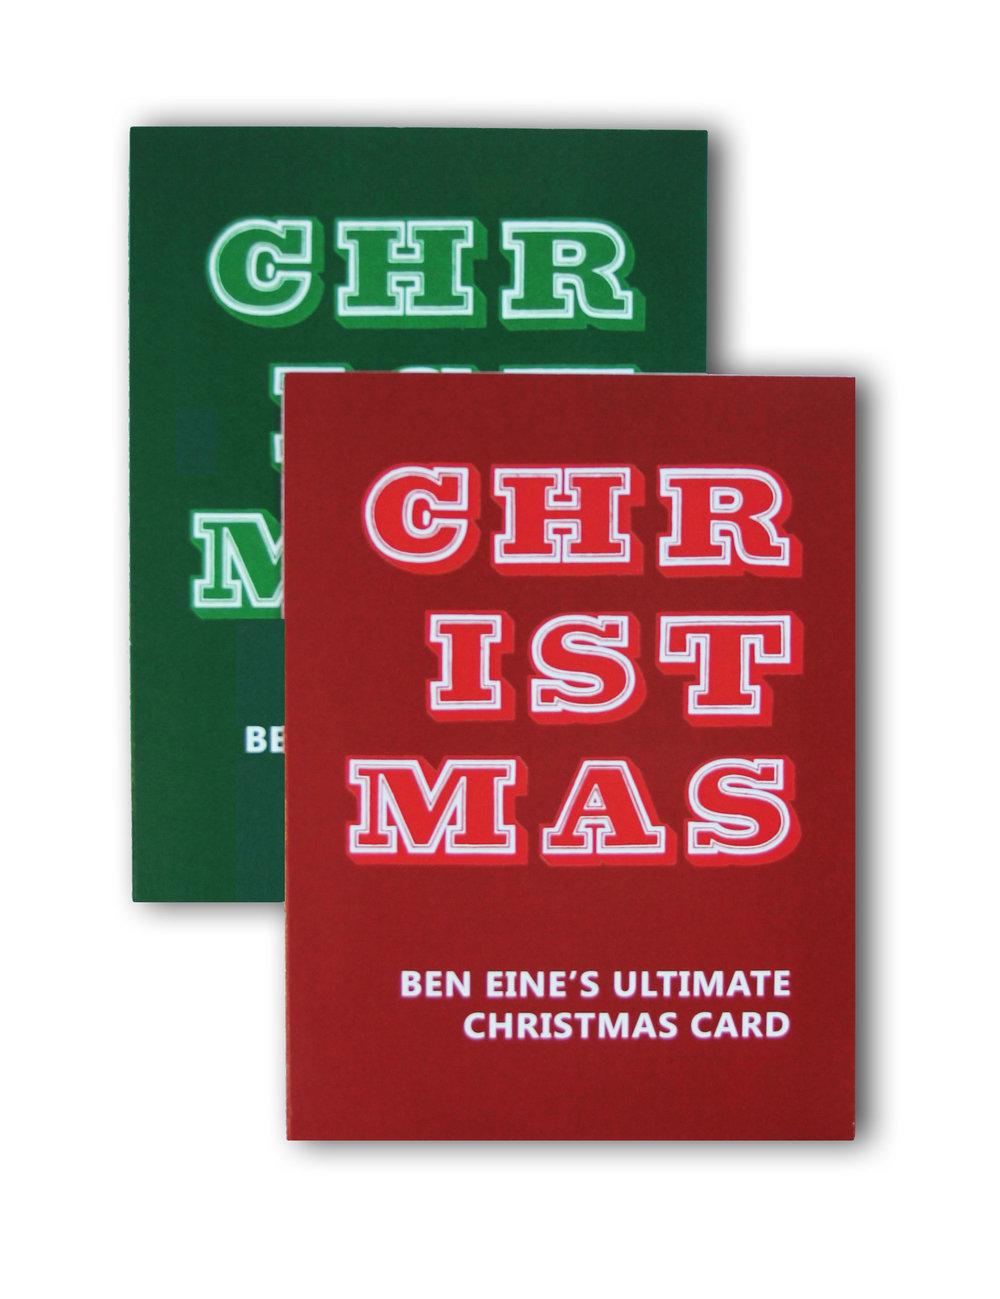 Ben Eine Christmas Card 1.jpg